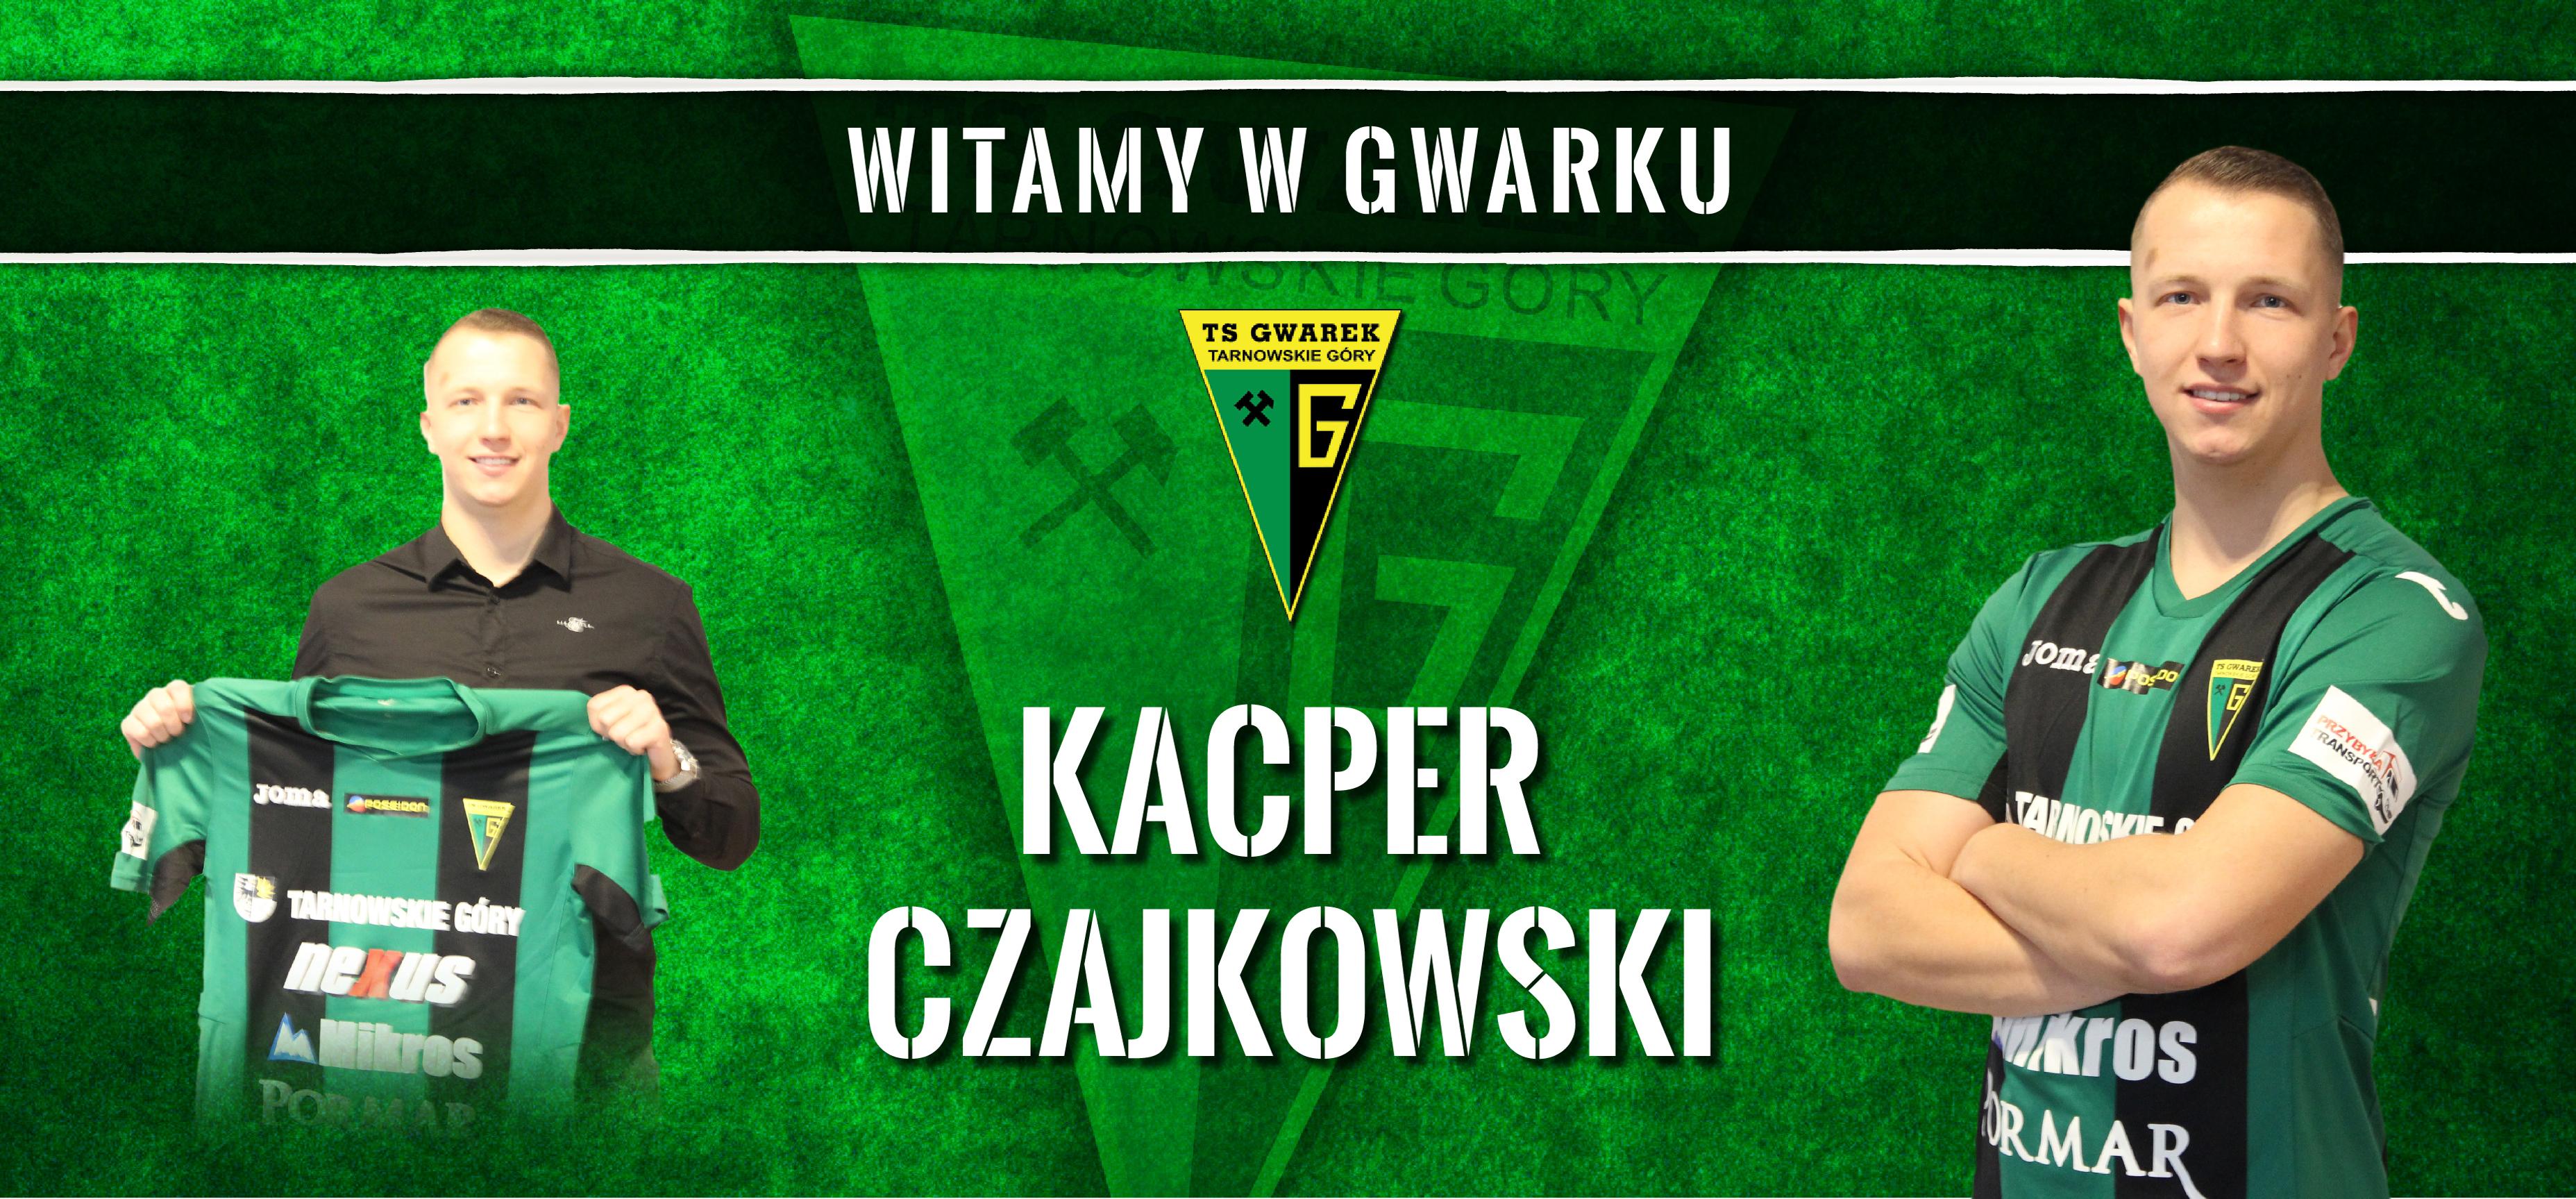 Kacper Czajkowski kolejnym zimowym wzmocnieniem Gwarka!